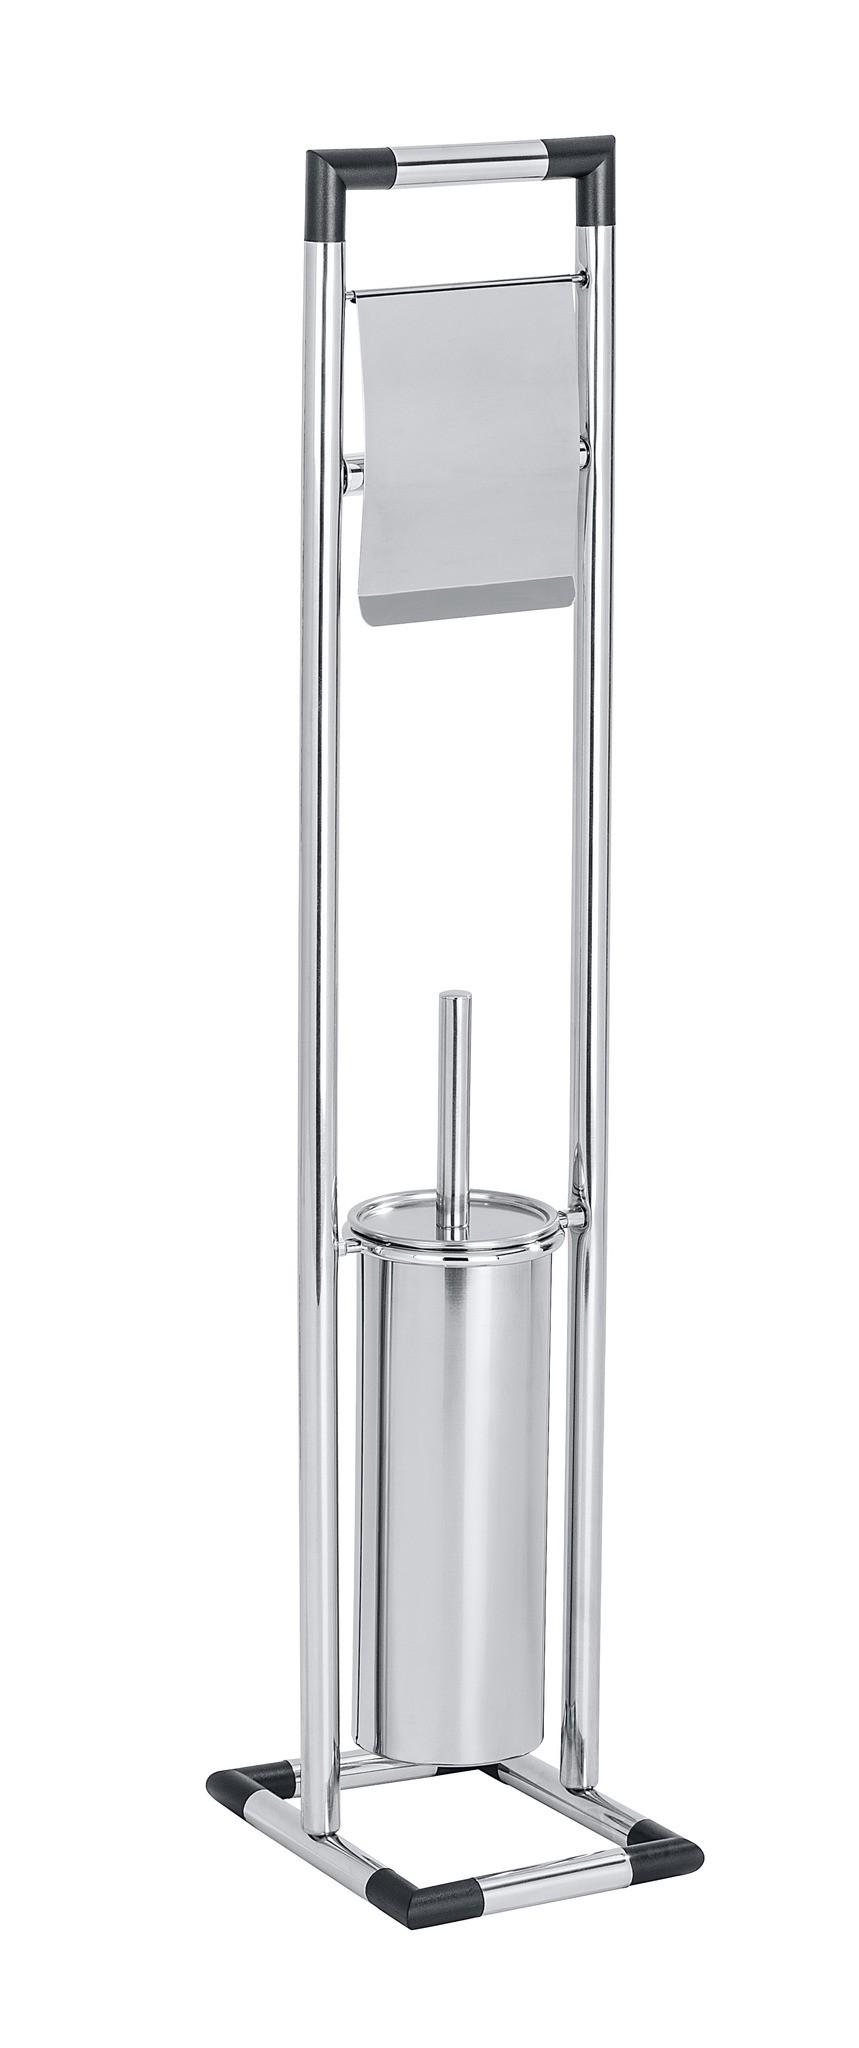 Wenko Stand WC-Garnitur Lonigo, Edelstahl rostfrei